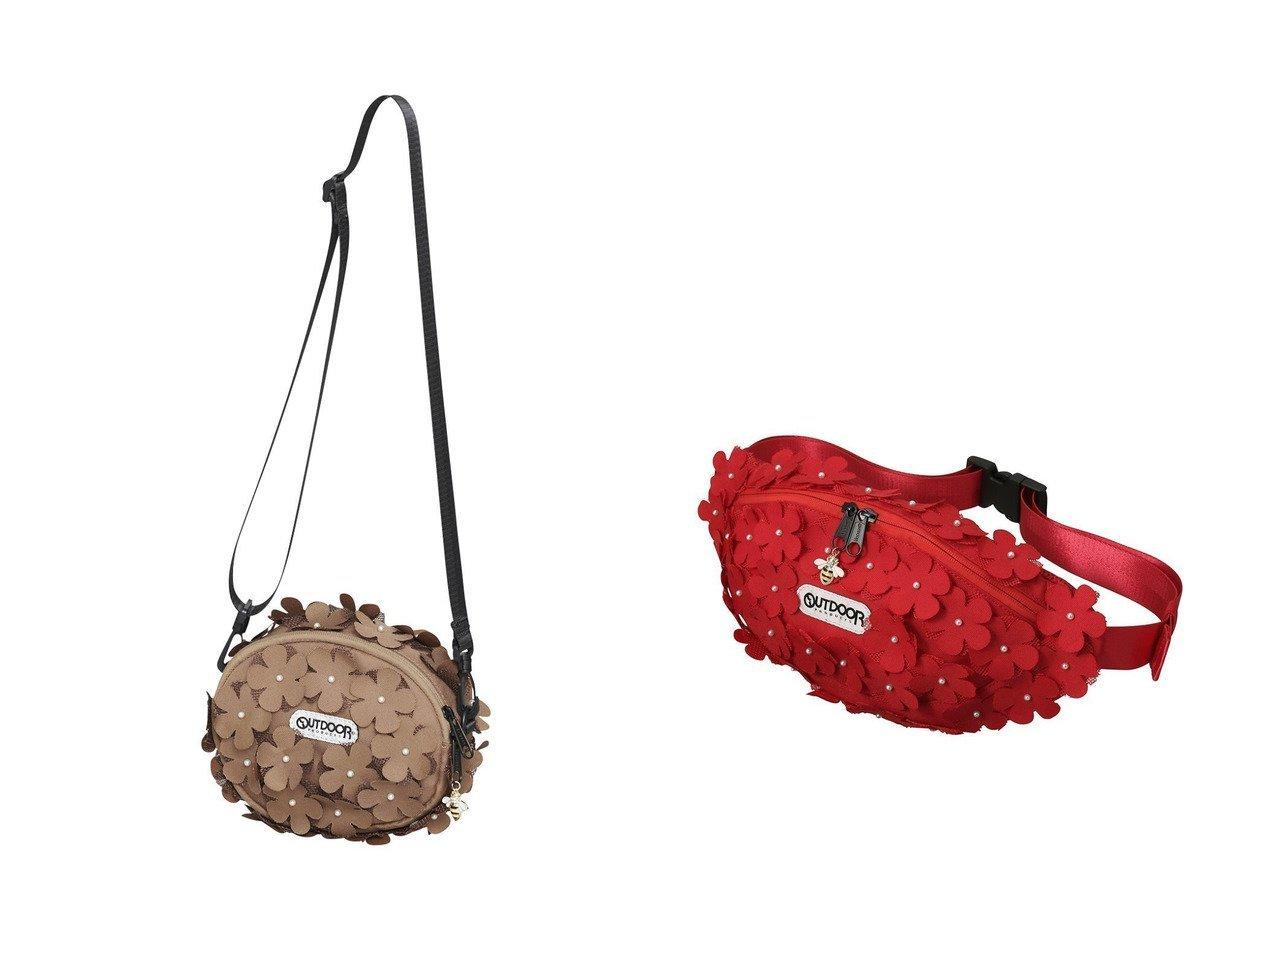 【MUVEIL/ミュベール】のOUTDOOR コラボウエストポーチ&OUTDOOR コラボショルダーバッグ MUVEILのおすすめ!人気、トレンド・レディースファッションの通販 おすすめで人気の流行・トレンド、ファッションの通販商品 メンズファッション・キッズファッション・インテリア・家具・レディースファッション・服の通販 founy(ファニー) https://founy.com/ ファッション Fashion レディースファッション WOMEN ポーチ Pouches バッグ Bag 2021年 2021 2021 春夏 S/S SS Spring/Summer 2021 S/S 春夏 SS Spring/Summer ポーチ 春 Spring |ID:crp329100000019555